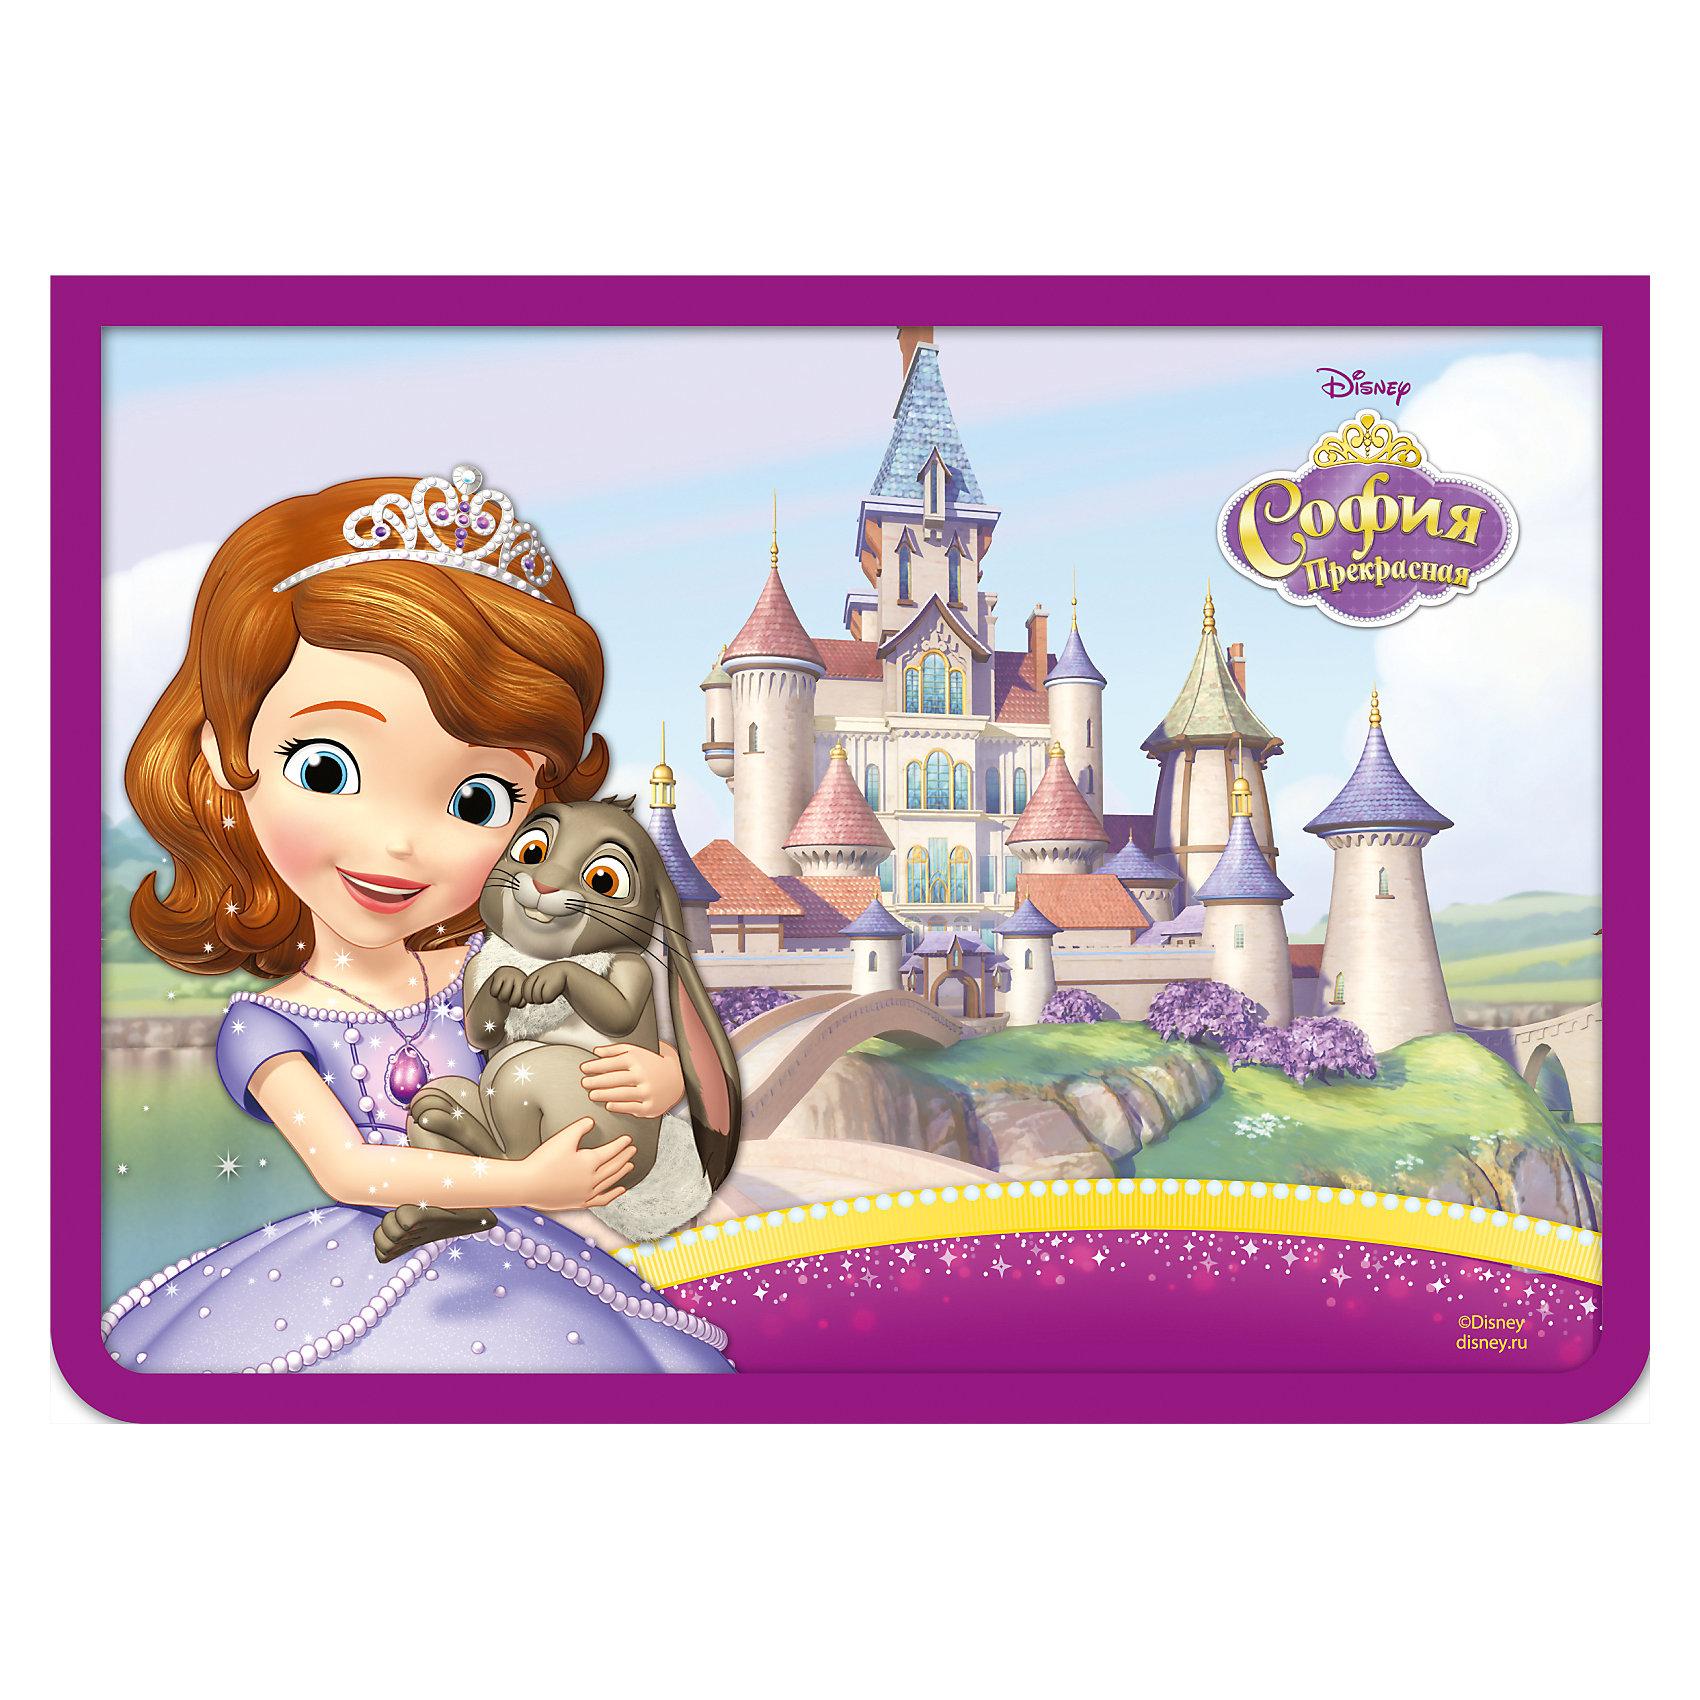 Папка для тетрадей на молнии София А4Яркая и стильная папка для тетрадей Disney «София» формата А4 – это модный и привлекательный аксессуар для вашей малышки. Она надежно защищает от деформации тетради, документы и прочие бумаги, поэтому с ней можно забыть о таких проблемах, как погнутые уголки и края. Благодаря ей, все необходимые бумаги и тетради будут аккуратно собраны в одном месте, что сократит время их поиска. Одна стенка аксессуара прозрачна, что позволяет, видя содержимое в ней, быстрее находить нужный предмет. Папка закрывается на молнию, поэтому вы можете быть уверены, что положенные в нее бумаги оттуда не выпадут. Аксессуар изготовлен из ламинированного картона, декорированного ярким принтом, ПВХ и полиэстера. Размер: 33,6х24,3х1,5 см.<br><br>Ширина мм: 337<br>Глубина мм: 240<br>Высота мм: 16<br>Вес г: 108<br>Возраст от месяцев: 84<br>Возраст до месяцев: 144<br>Пол: Унисекс<br>Возраст: Детский<br>SKU: 4637441